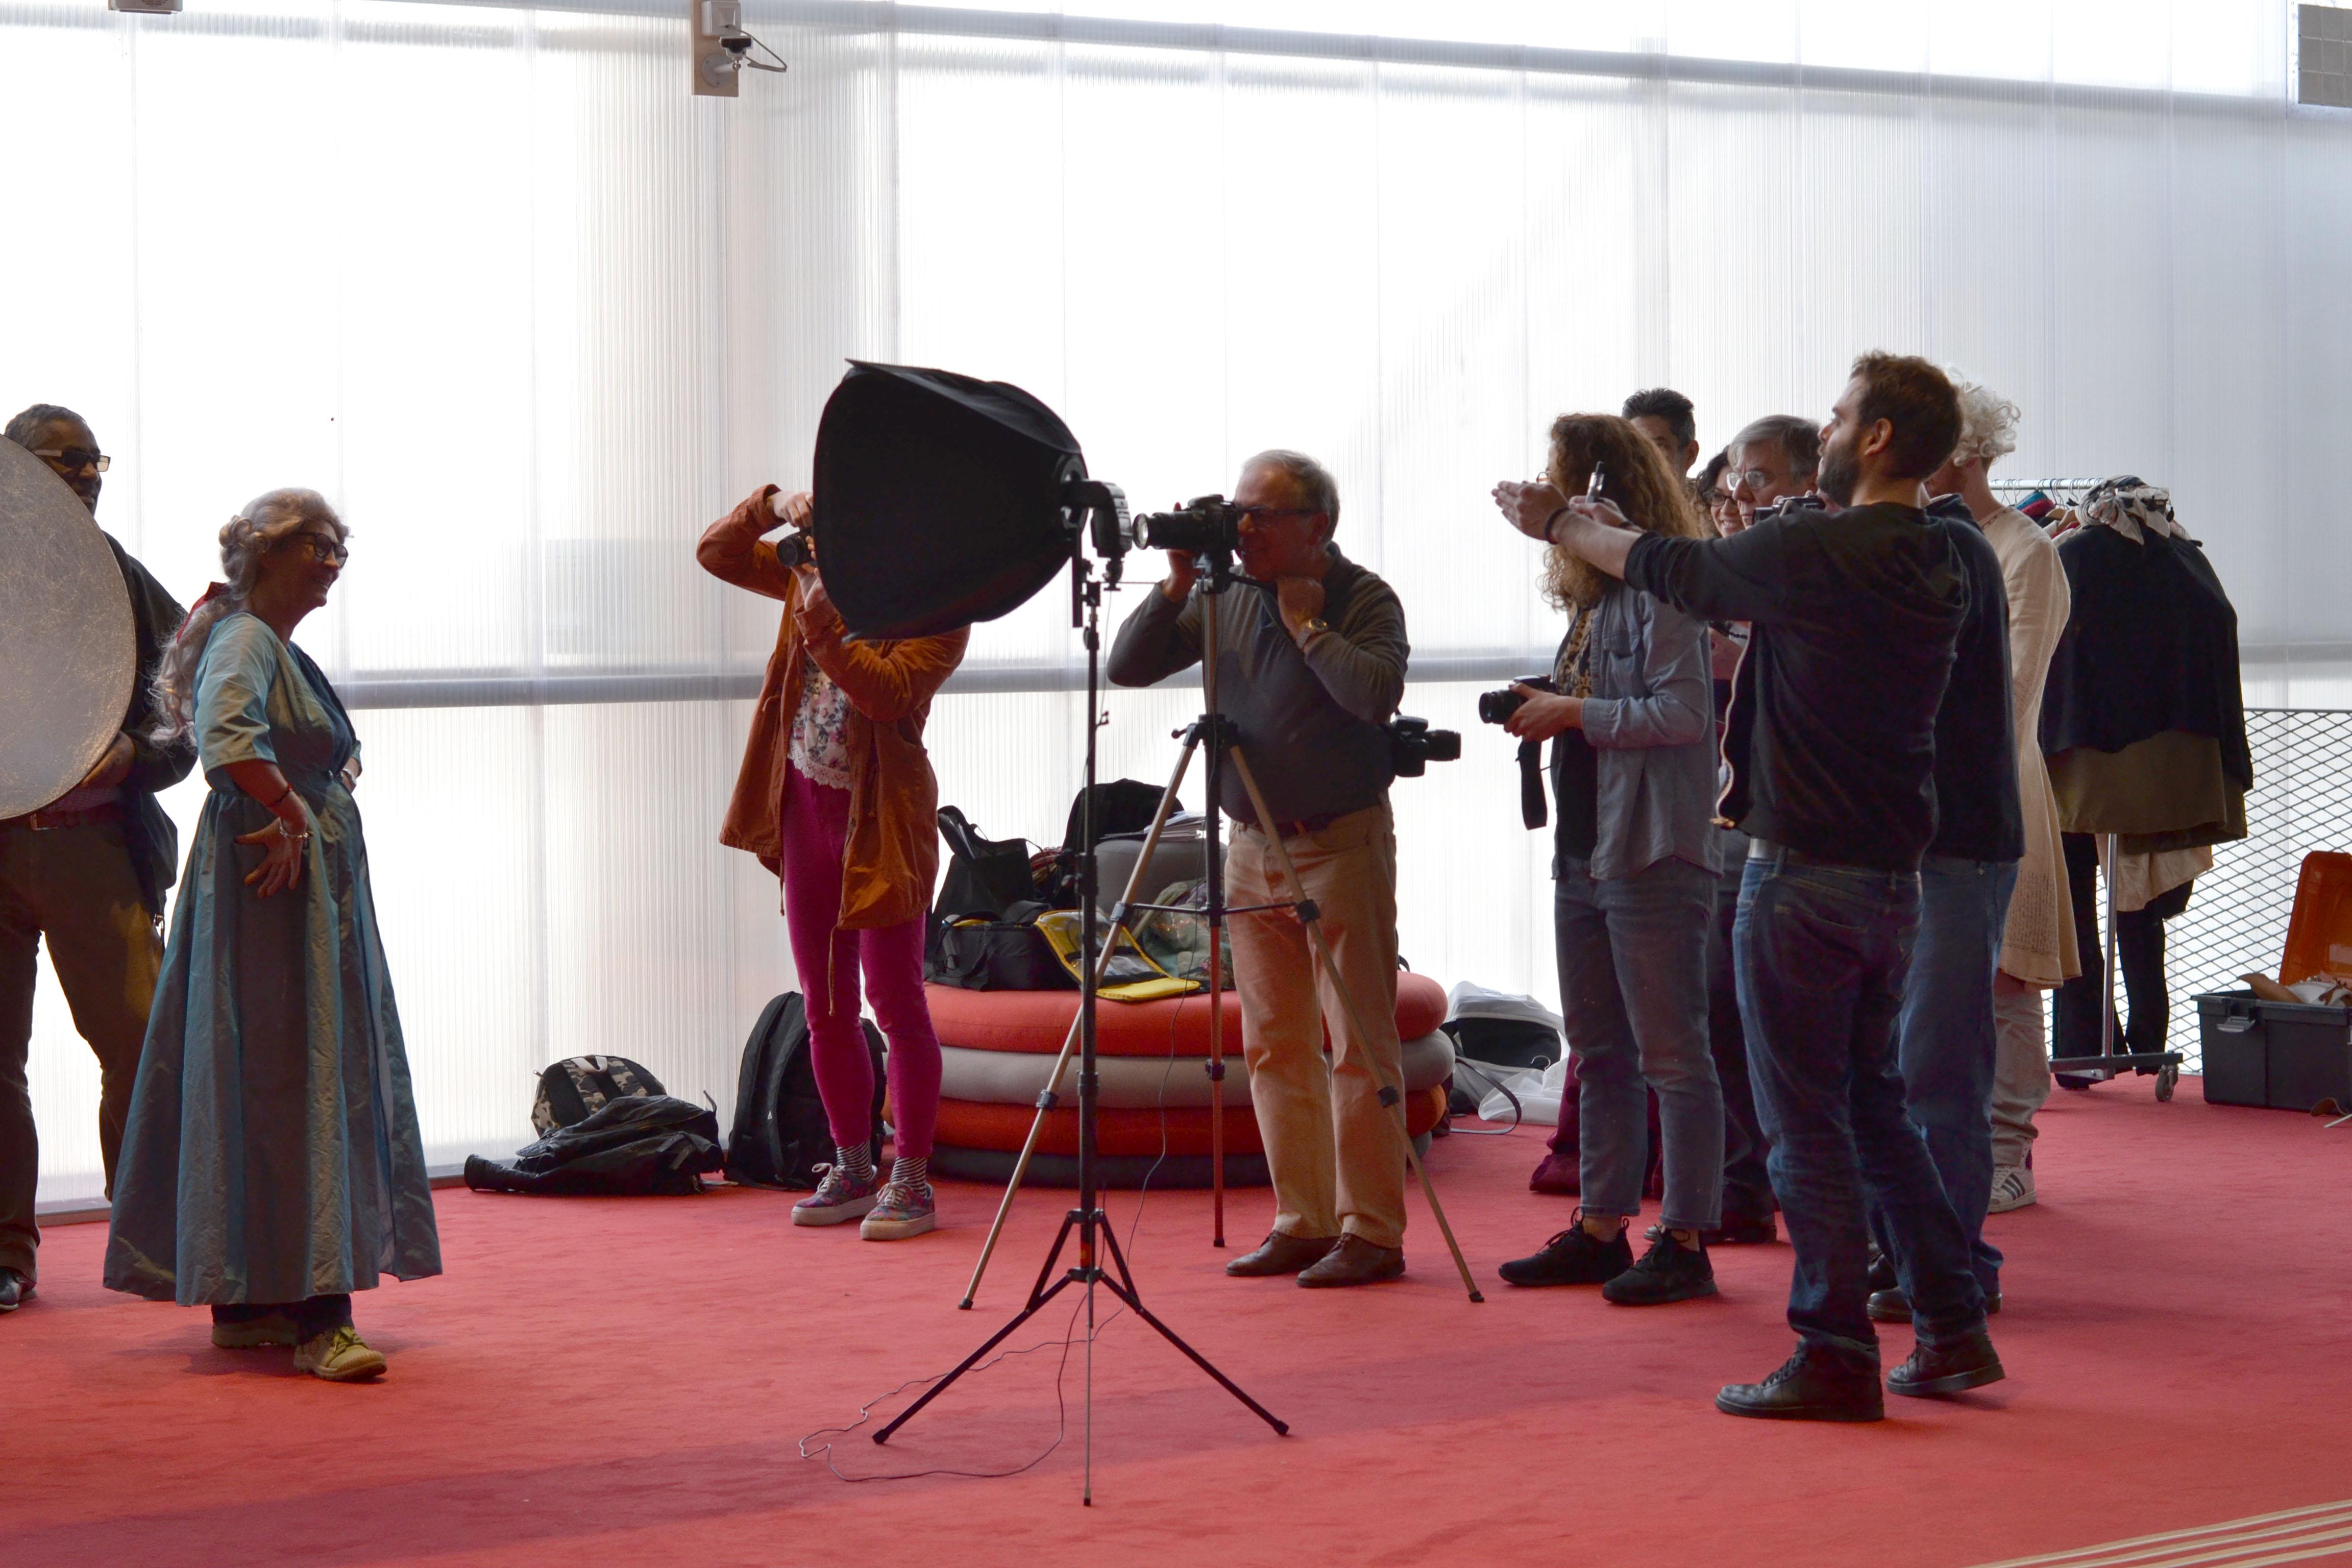 Premiers ateliers photo à Montreuil